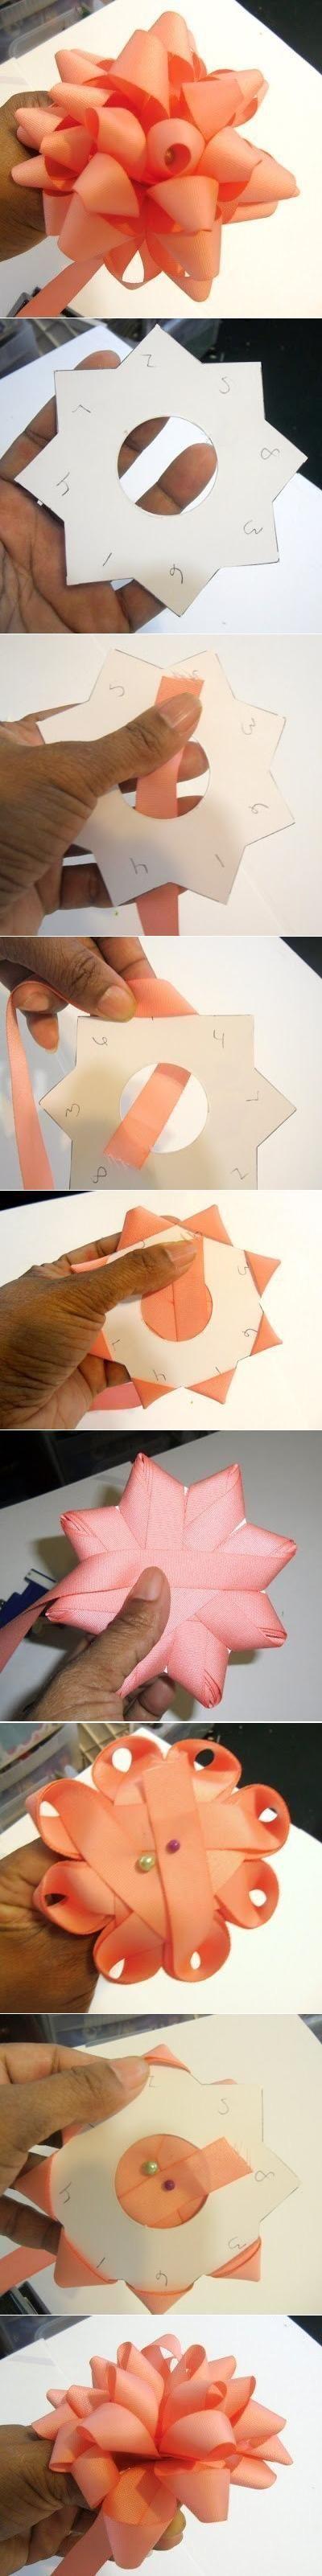 DIY Perfect Ribbon Bow